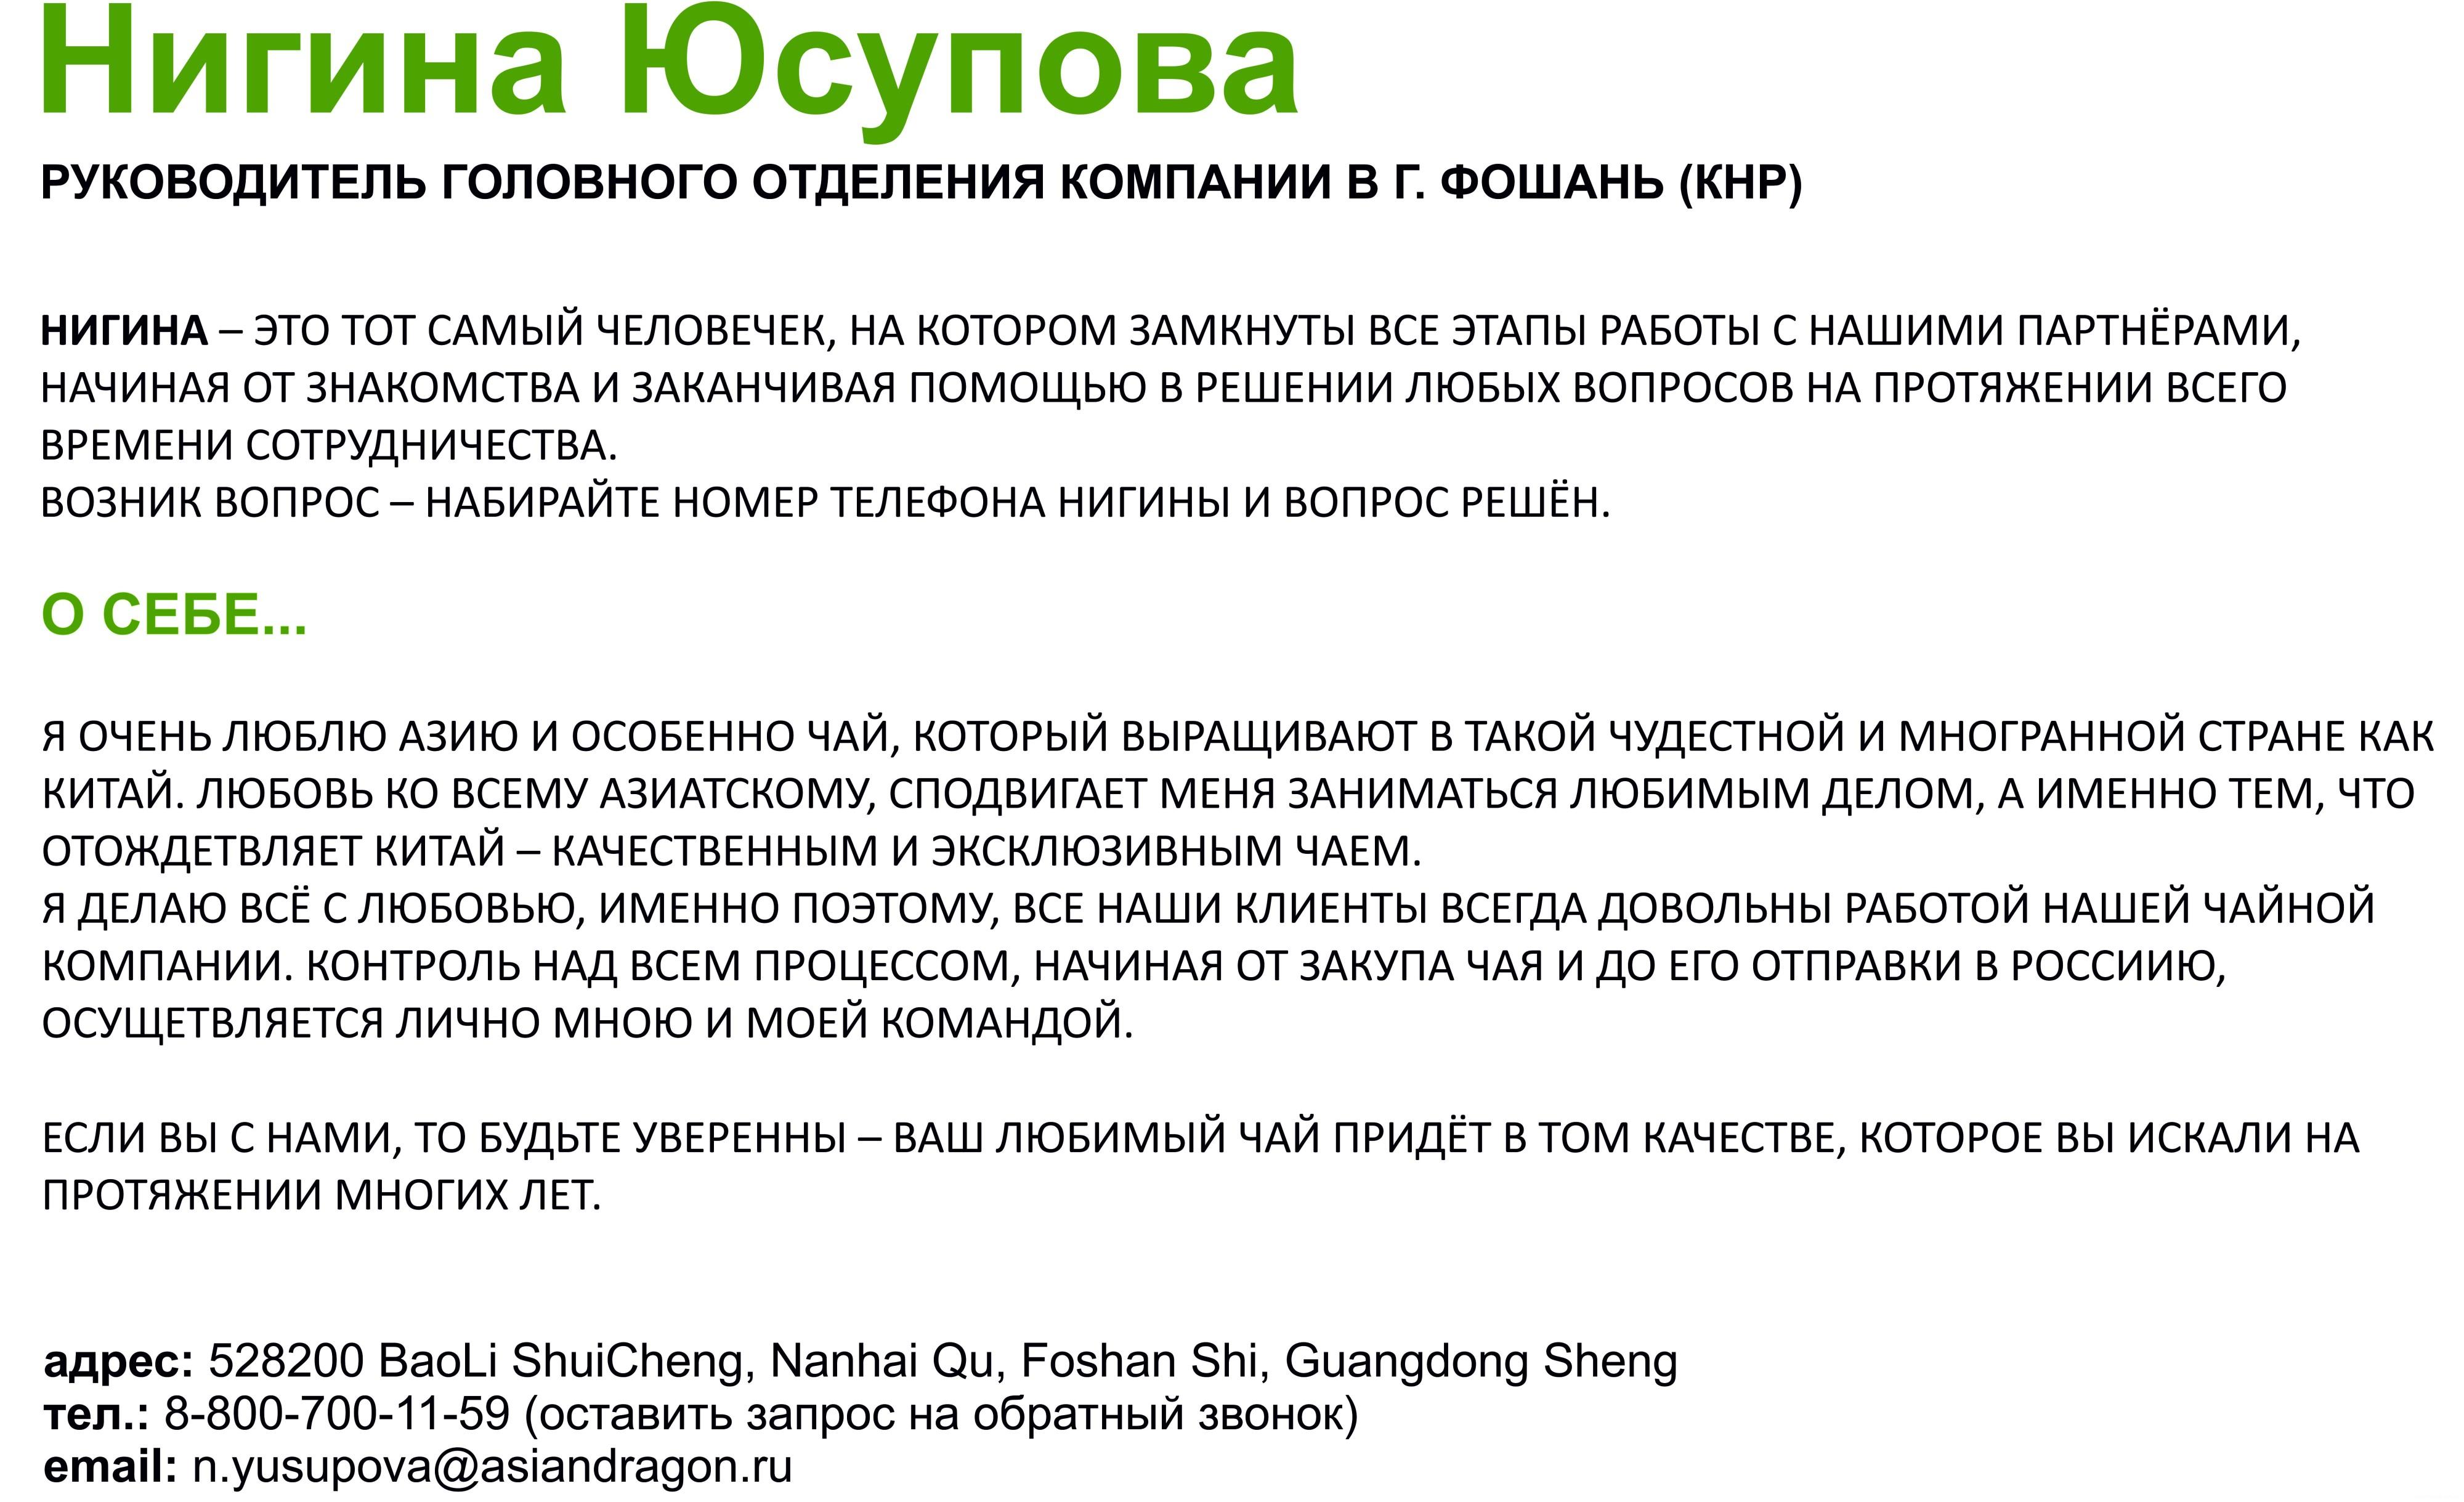 ЮСУПОВА (2)